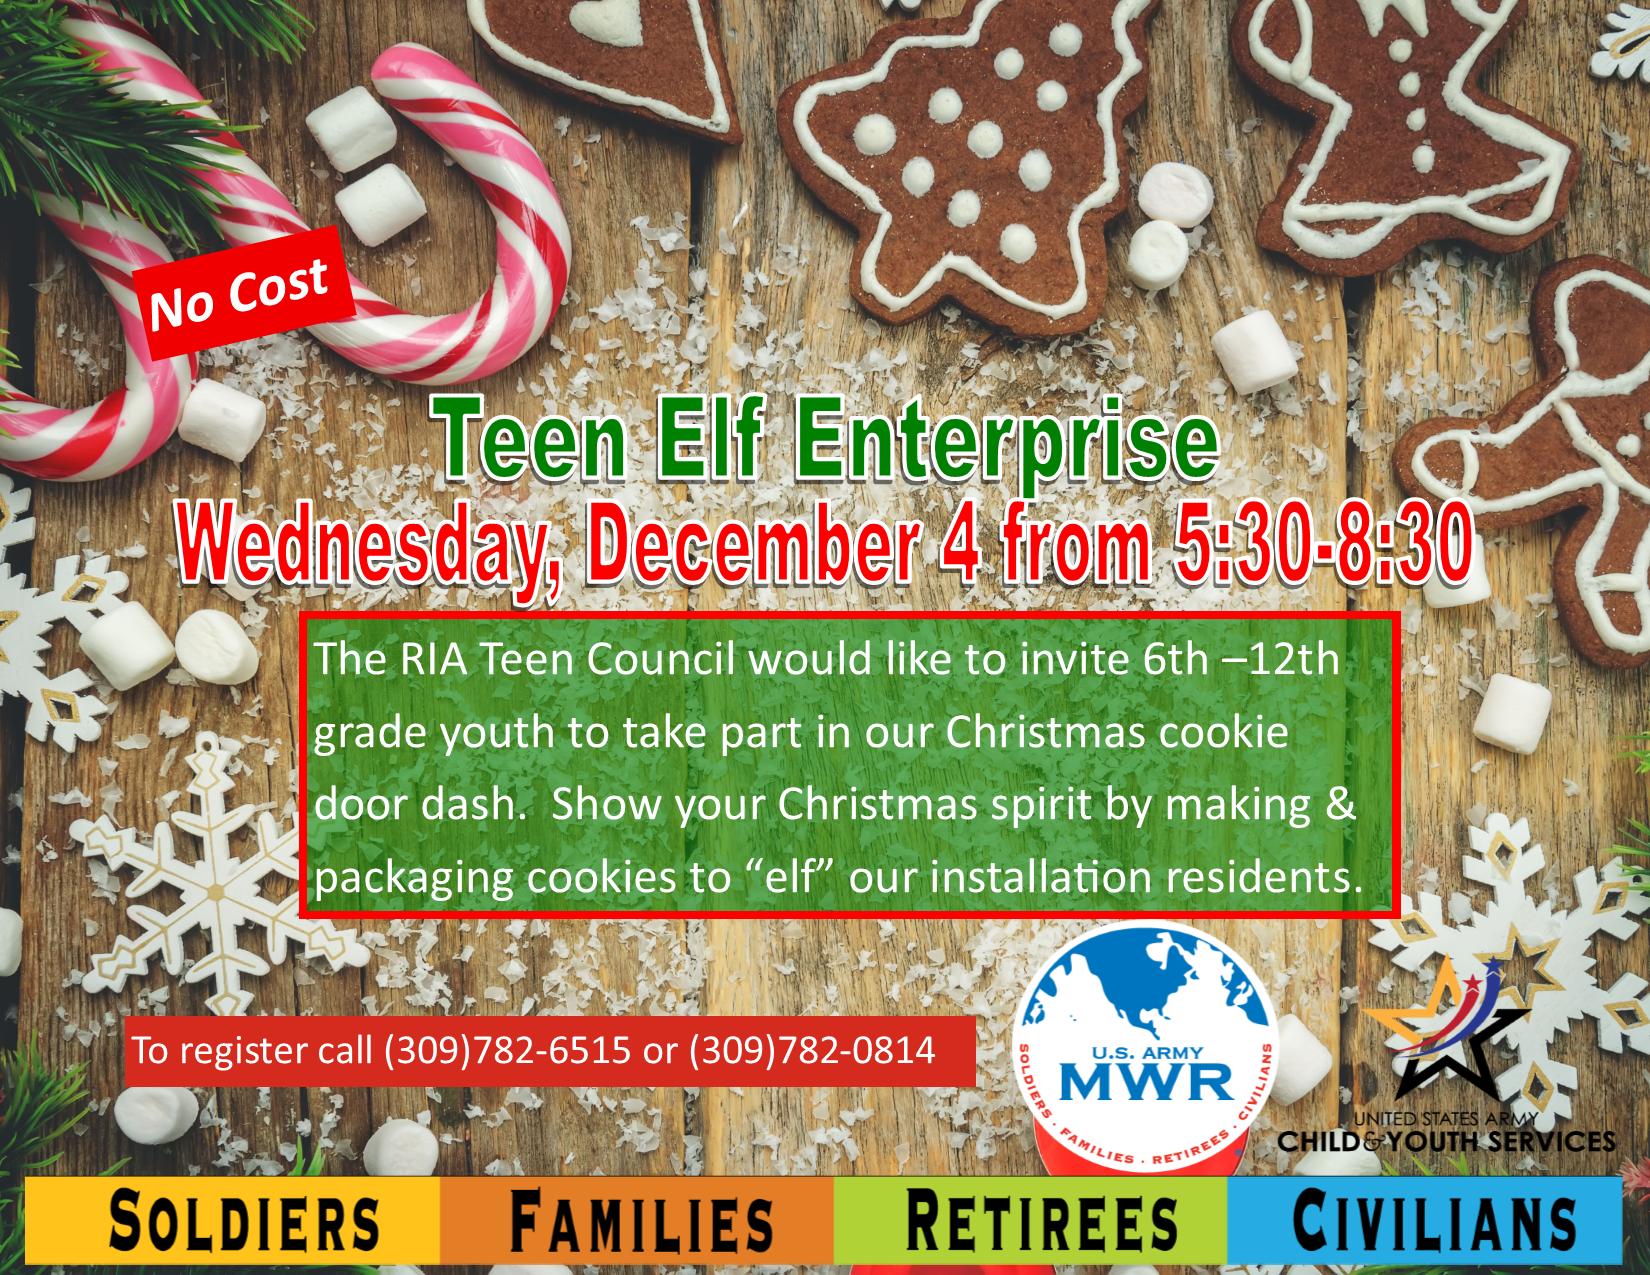 Teen Elf Enterprise